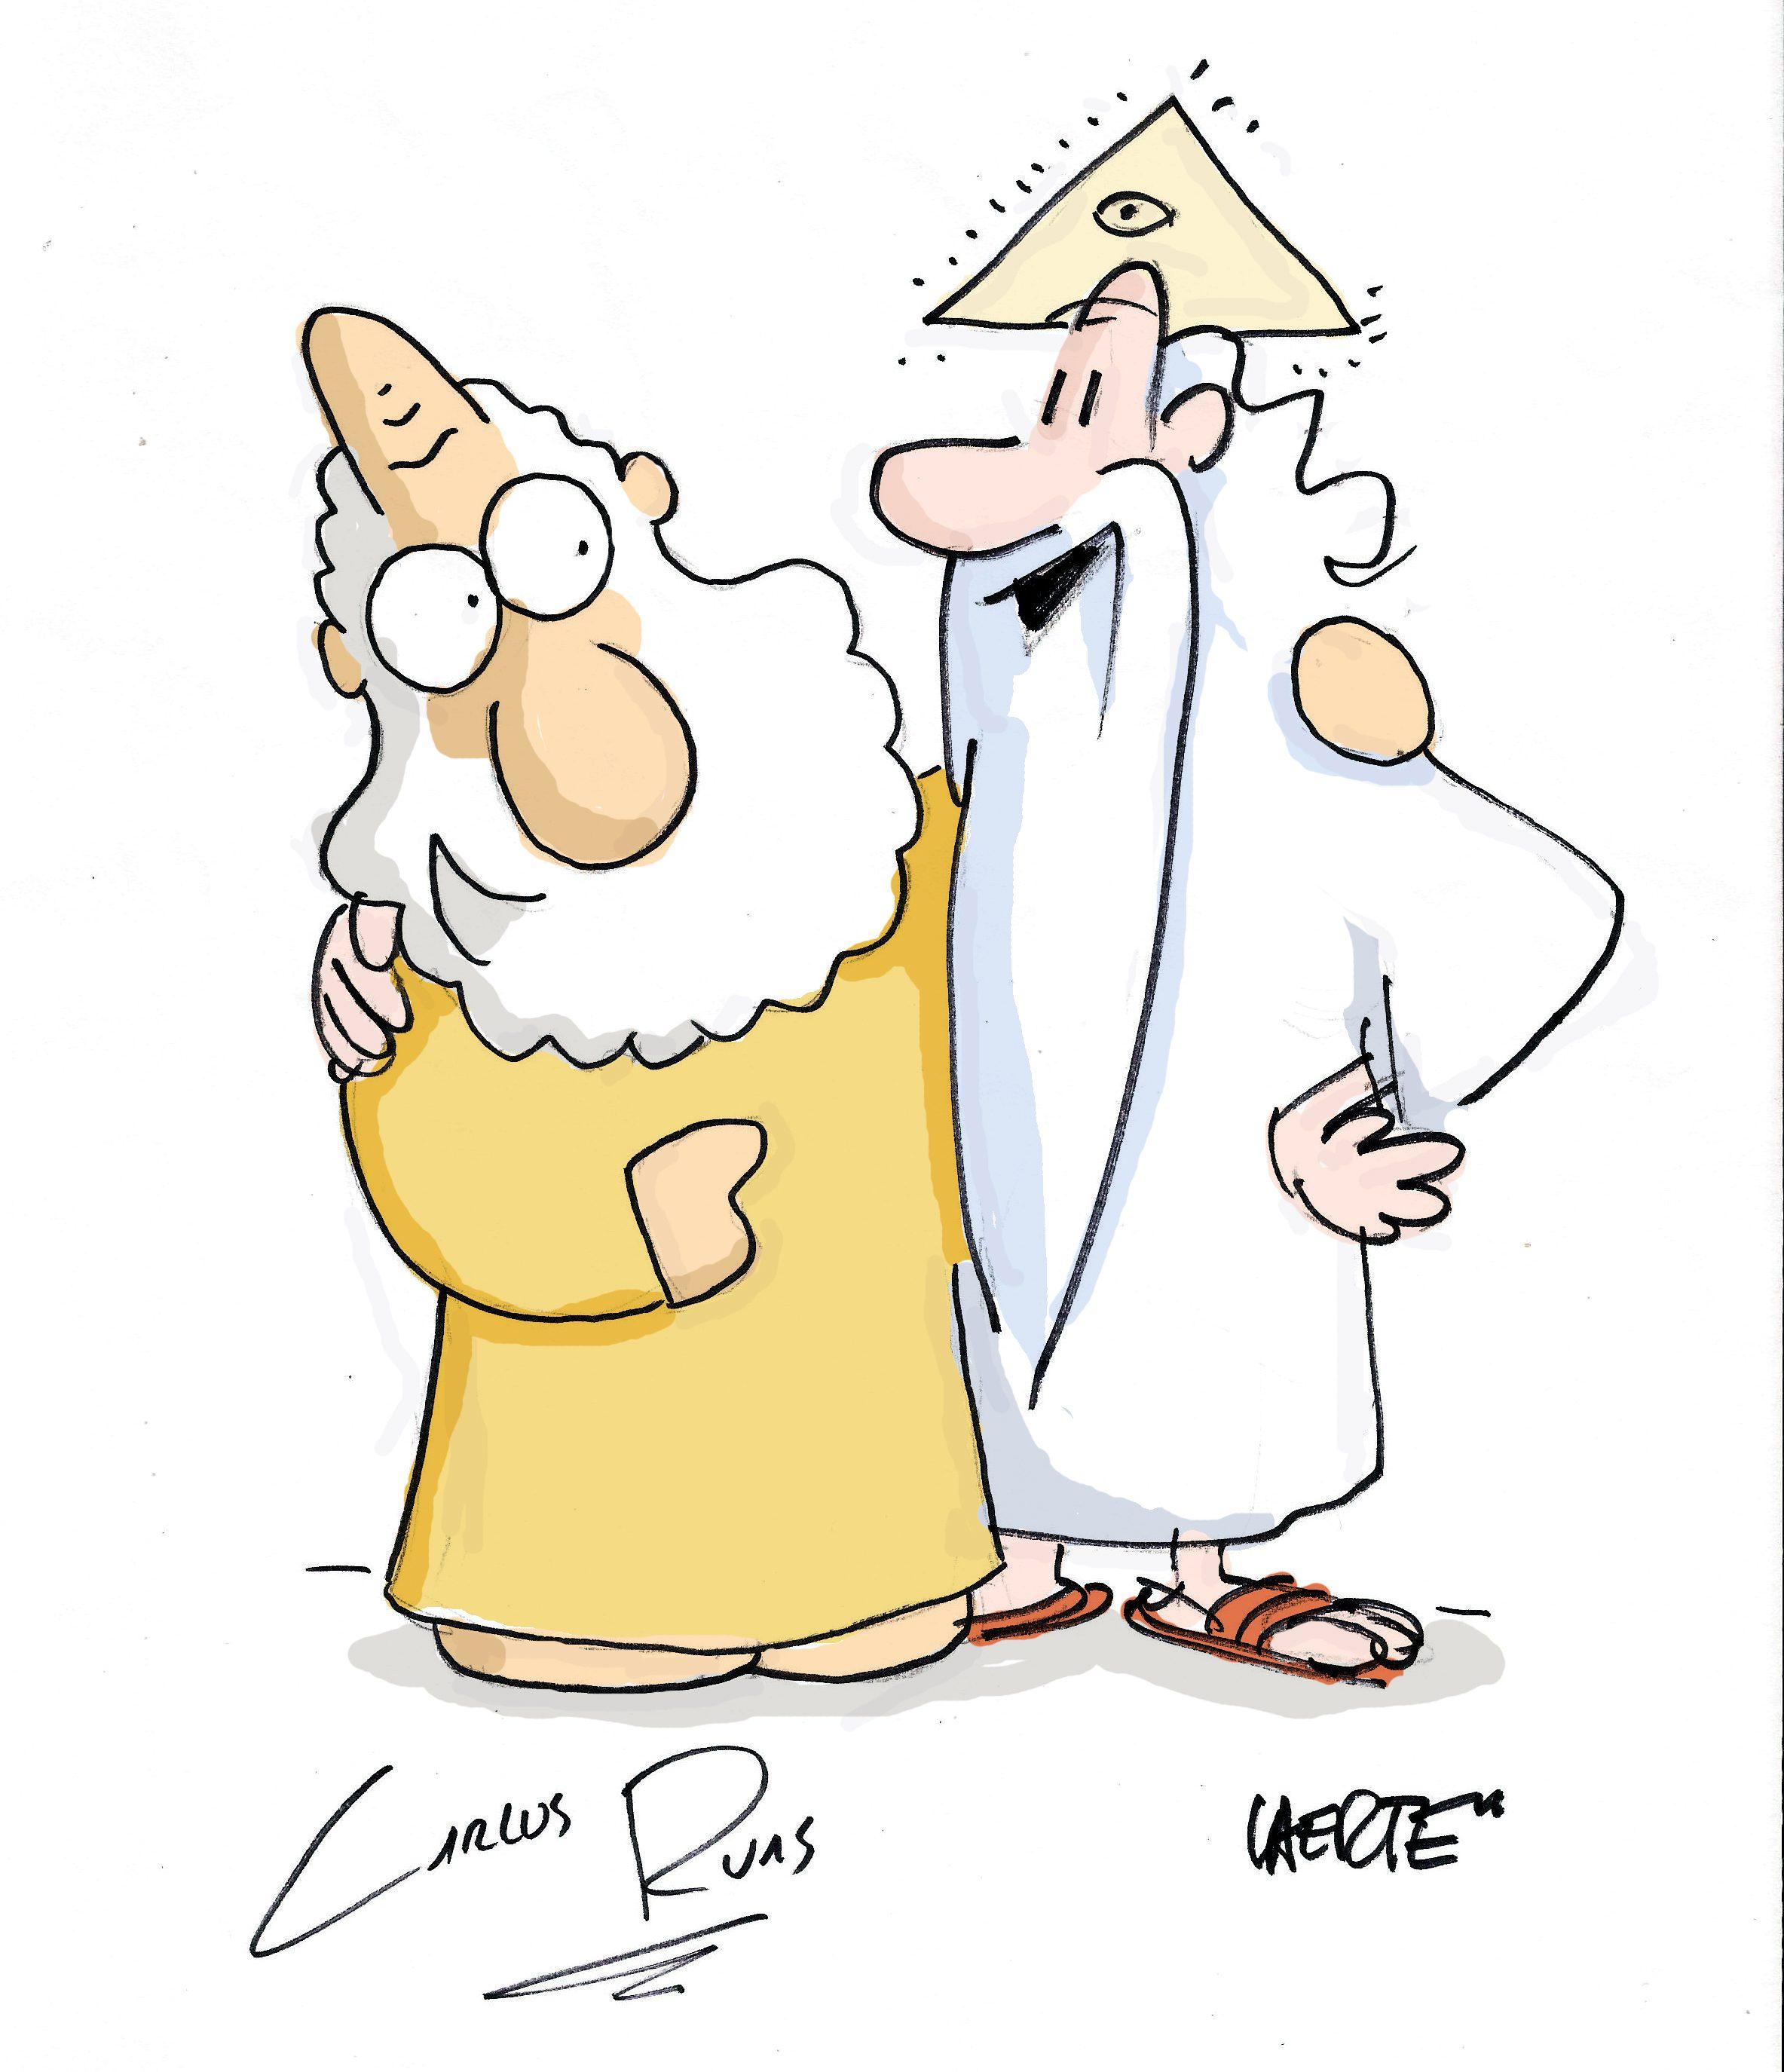 deus e deus cor